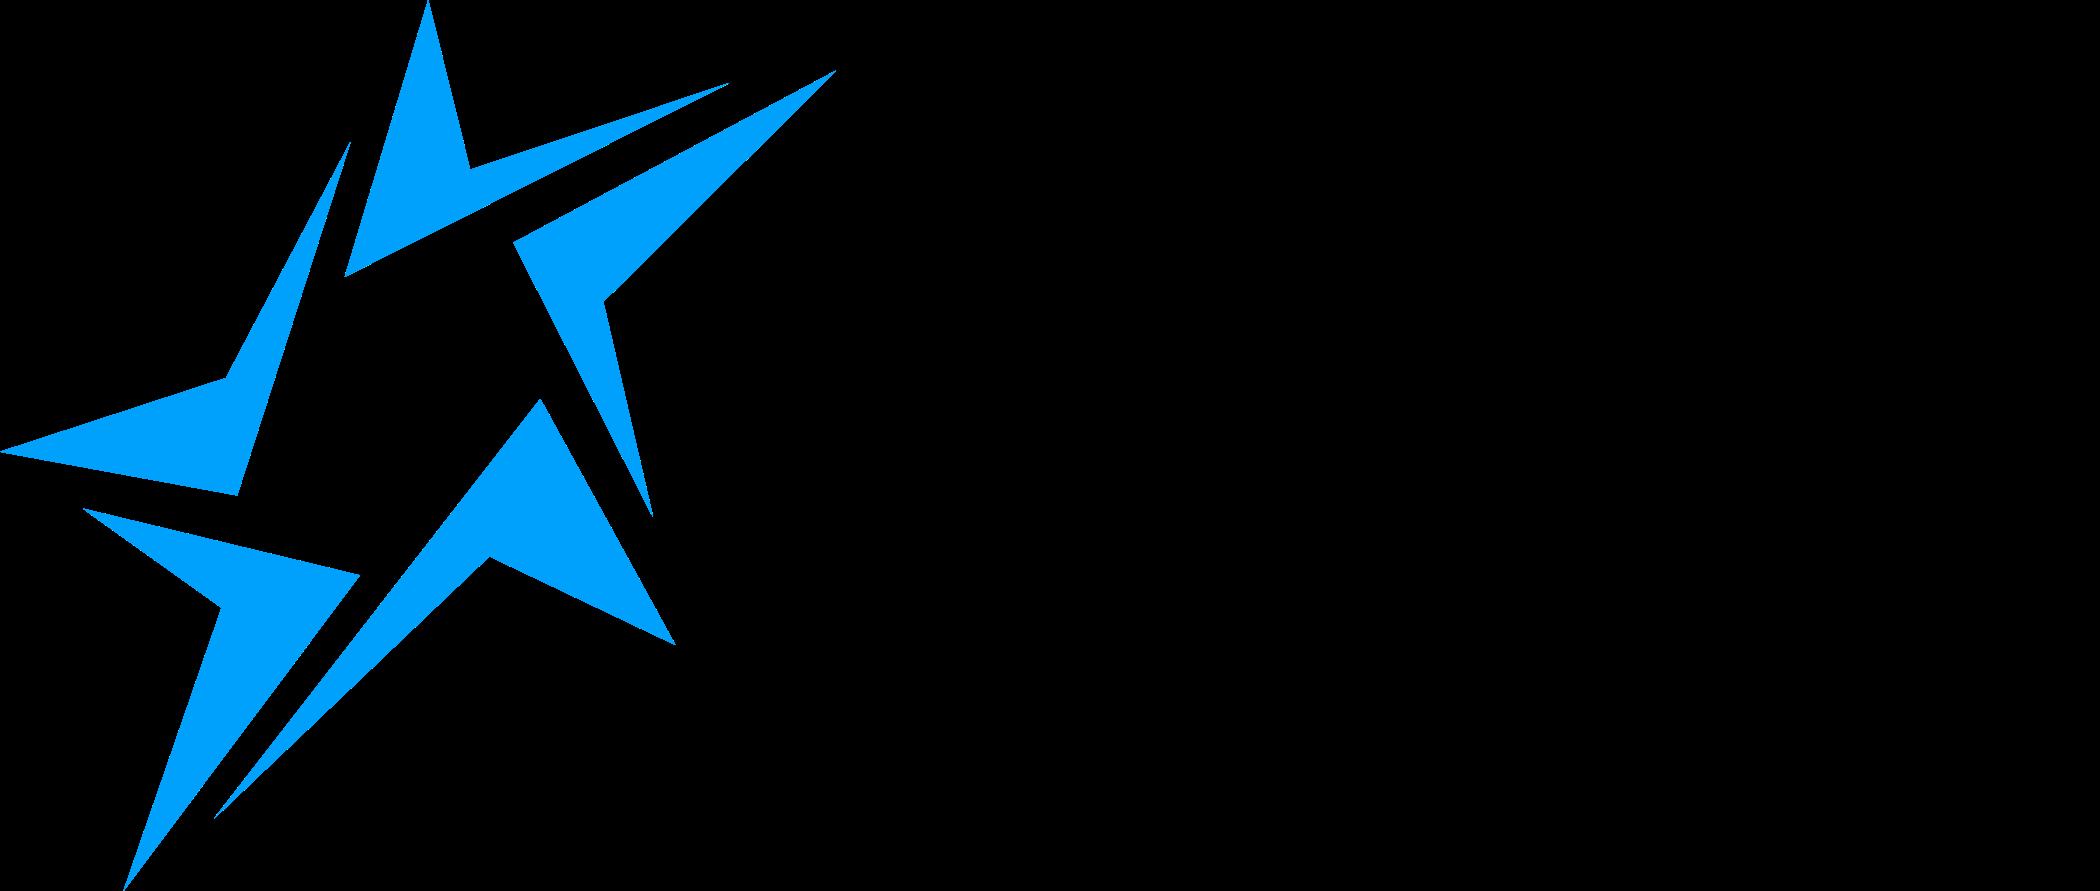 BENGÜTÜRK TV - Teknoloji ve Gelecek Programı